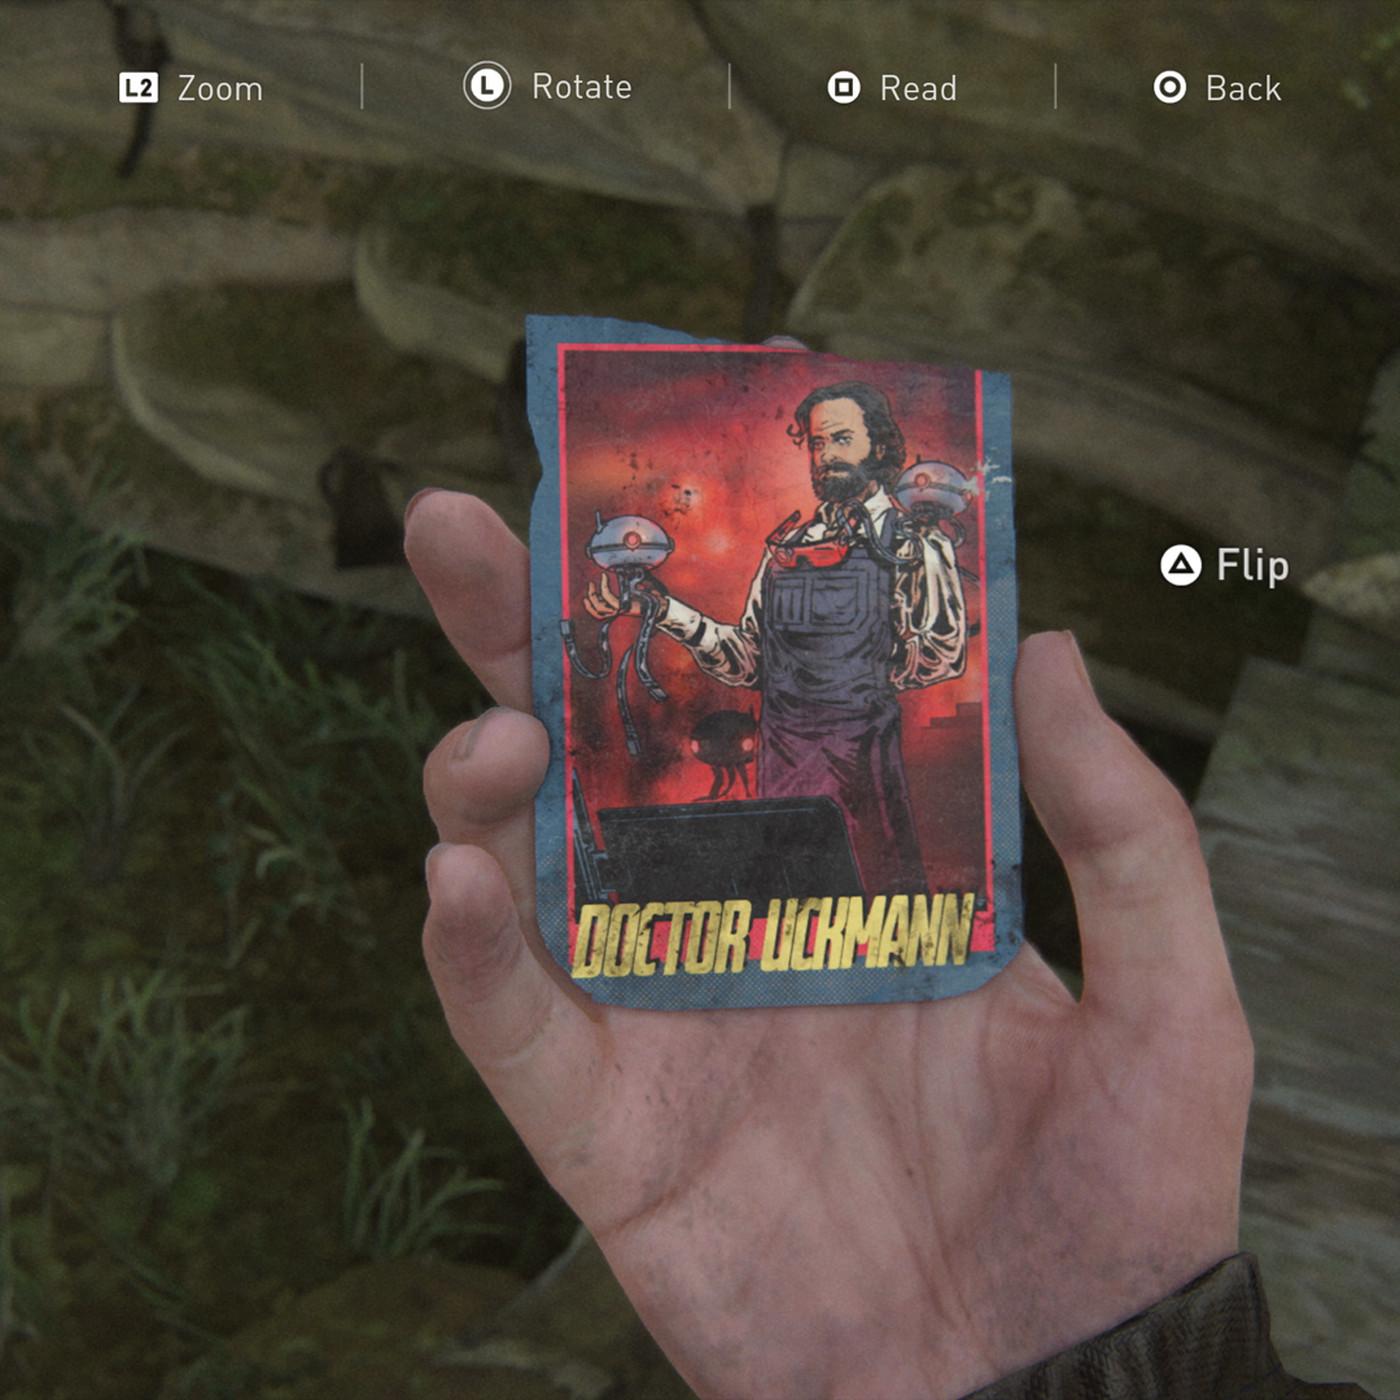 Глава разработки части The Last of Us Брюс Стрейли остался в полном восторге от The Last of Us Part 2